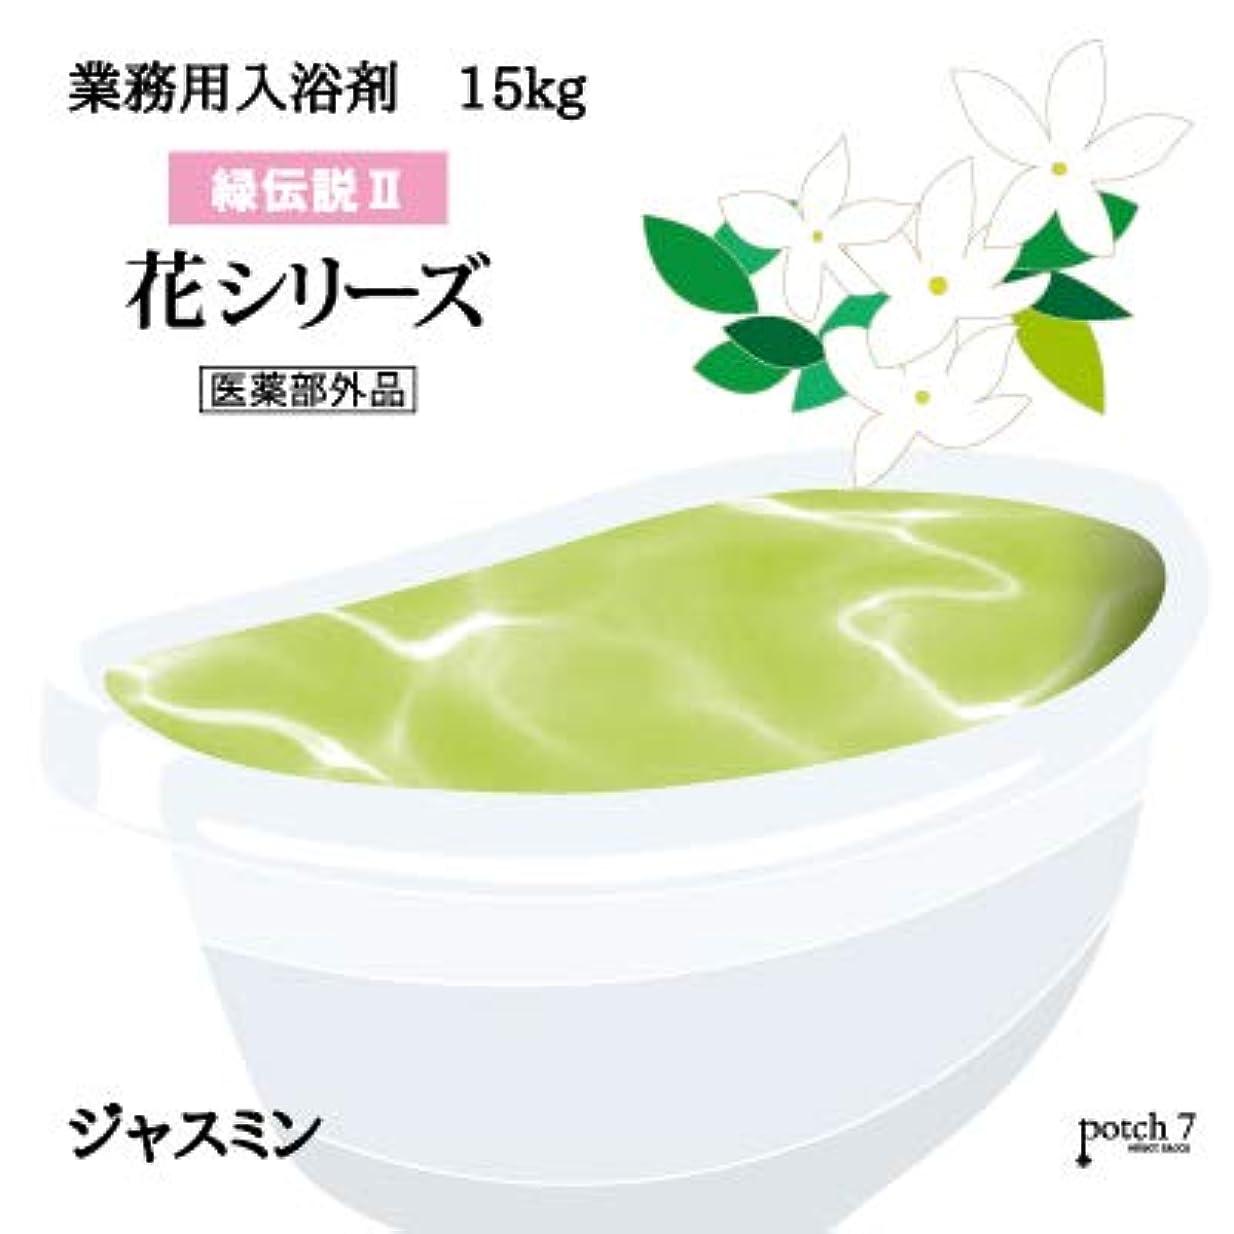 エゴイズムうねる苦難業務用入浴剤「ジャスミン」15Kg(7.5Kgx2袋入)GYM-JA